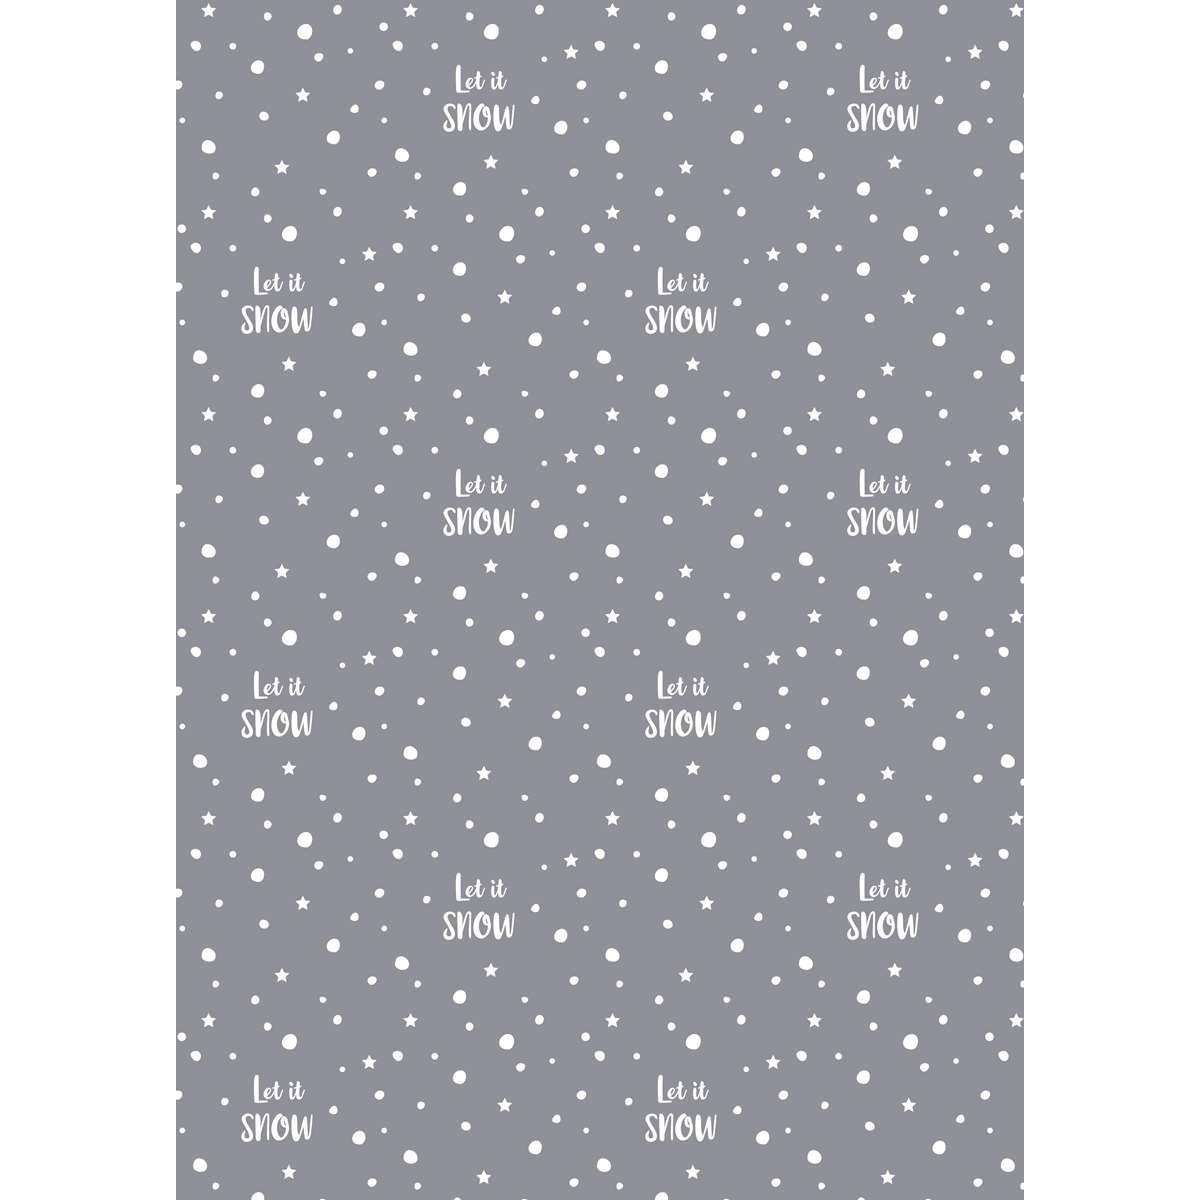 IB LAURSEN Dárkový balicí papír Let it Snow - 10 m, šedá barva, bílá barva, papír